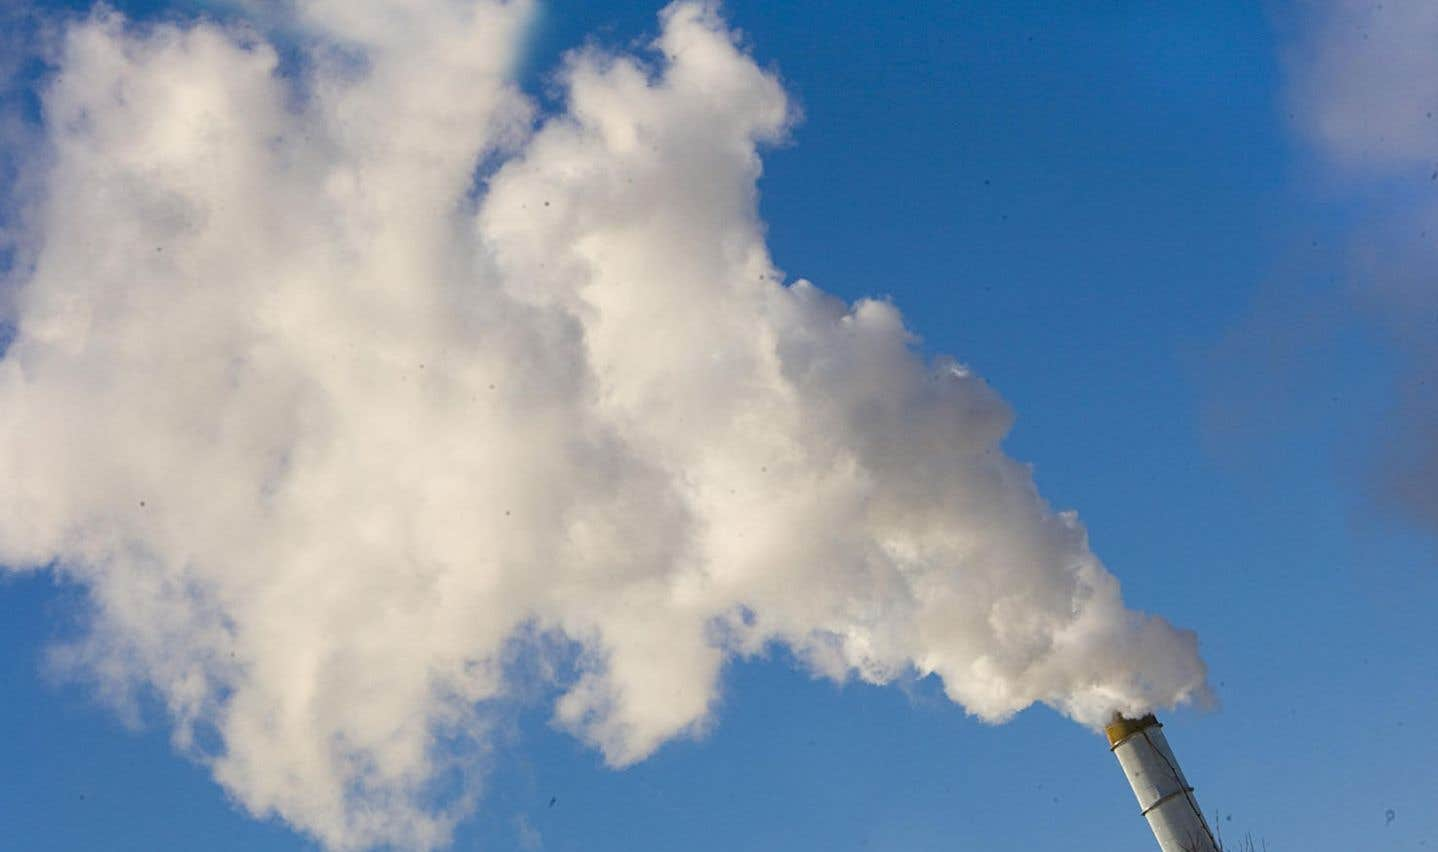 Les entreprises qui émettent des particules dans l'air filtrent leurs fumées grâce à des filtres et à des procédés relevant de technologies écologiques.